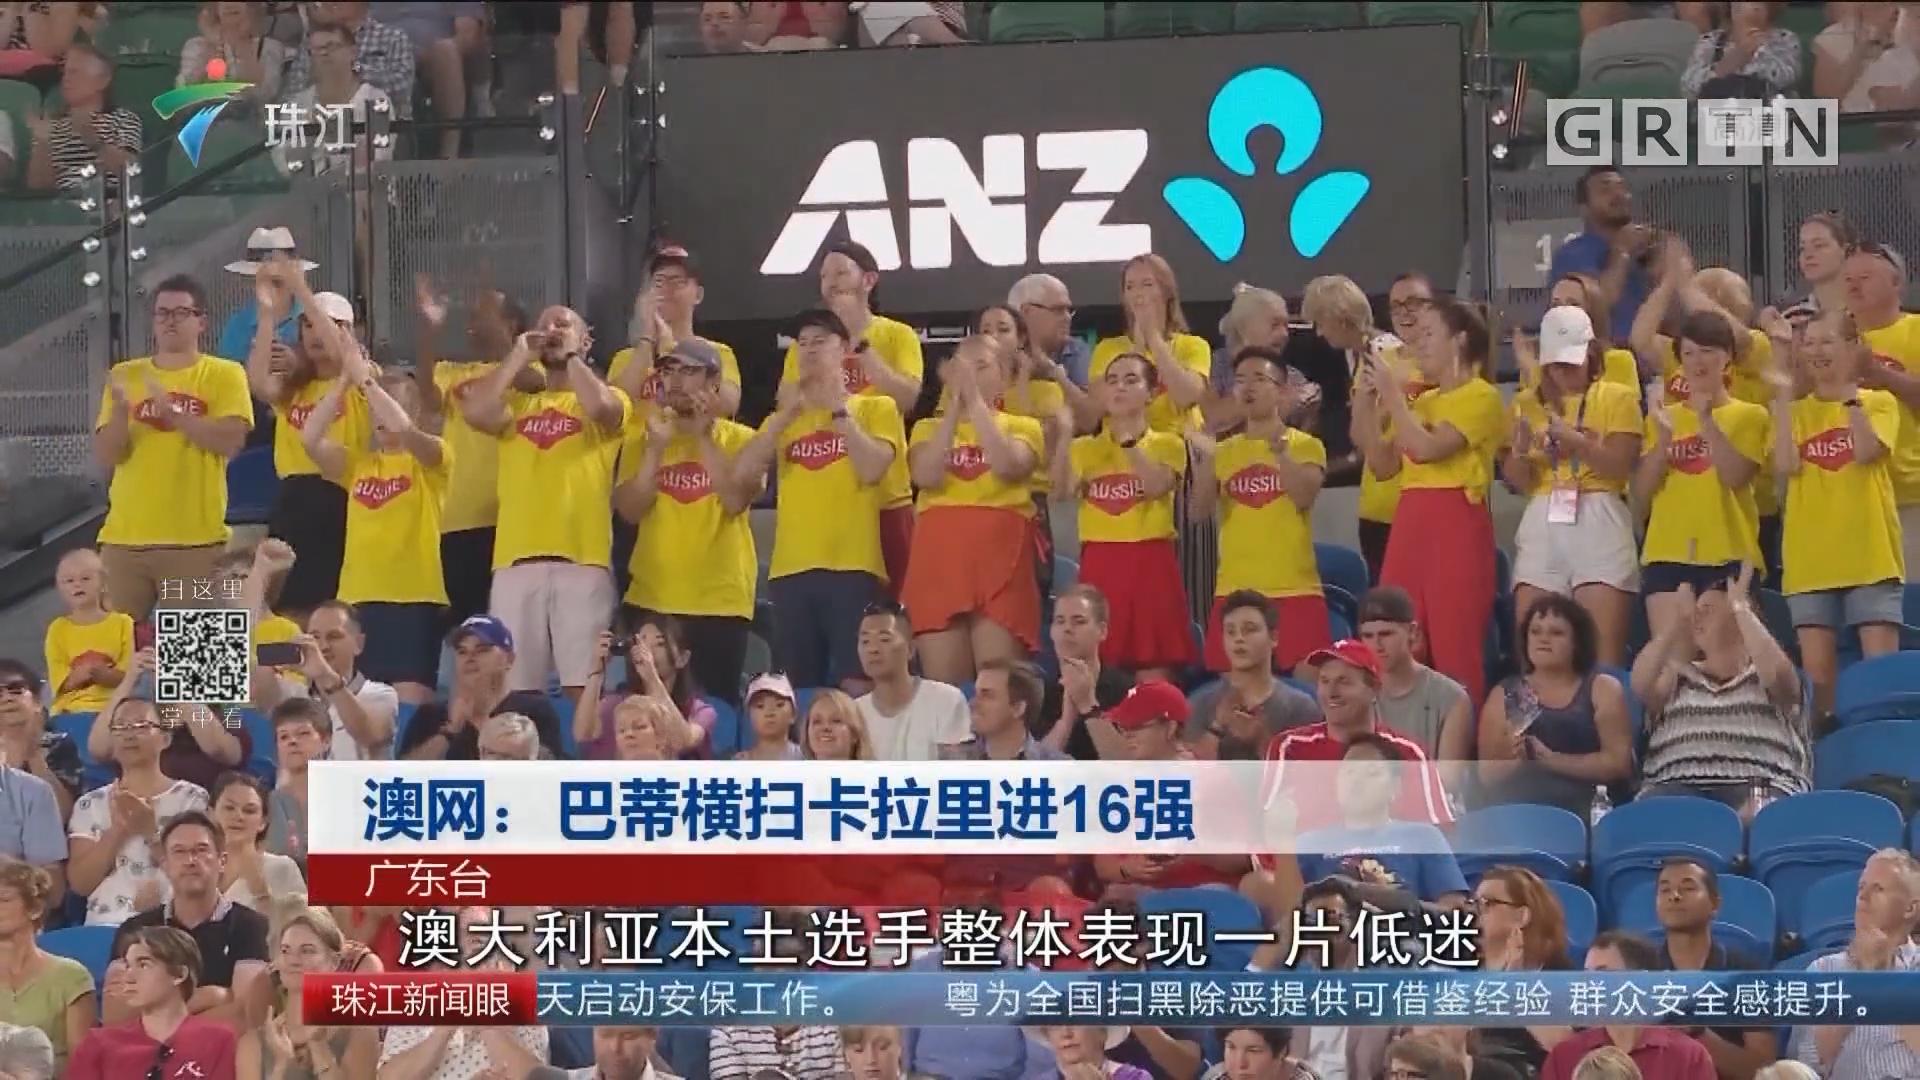 澳网:巴蒂横扫卡拉里进16强